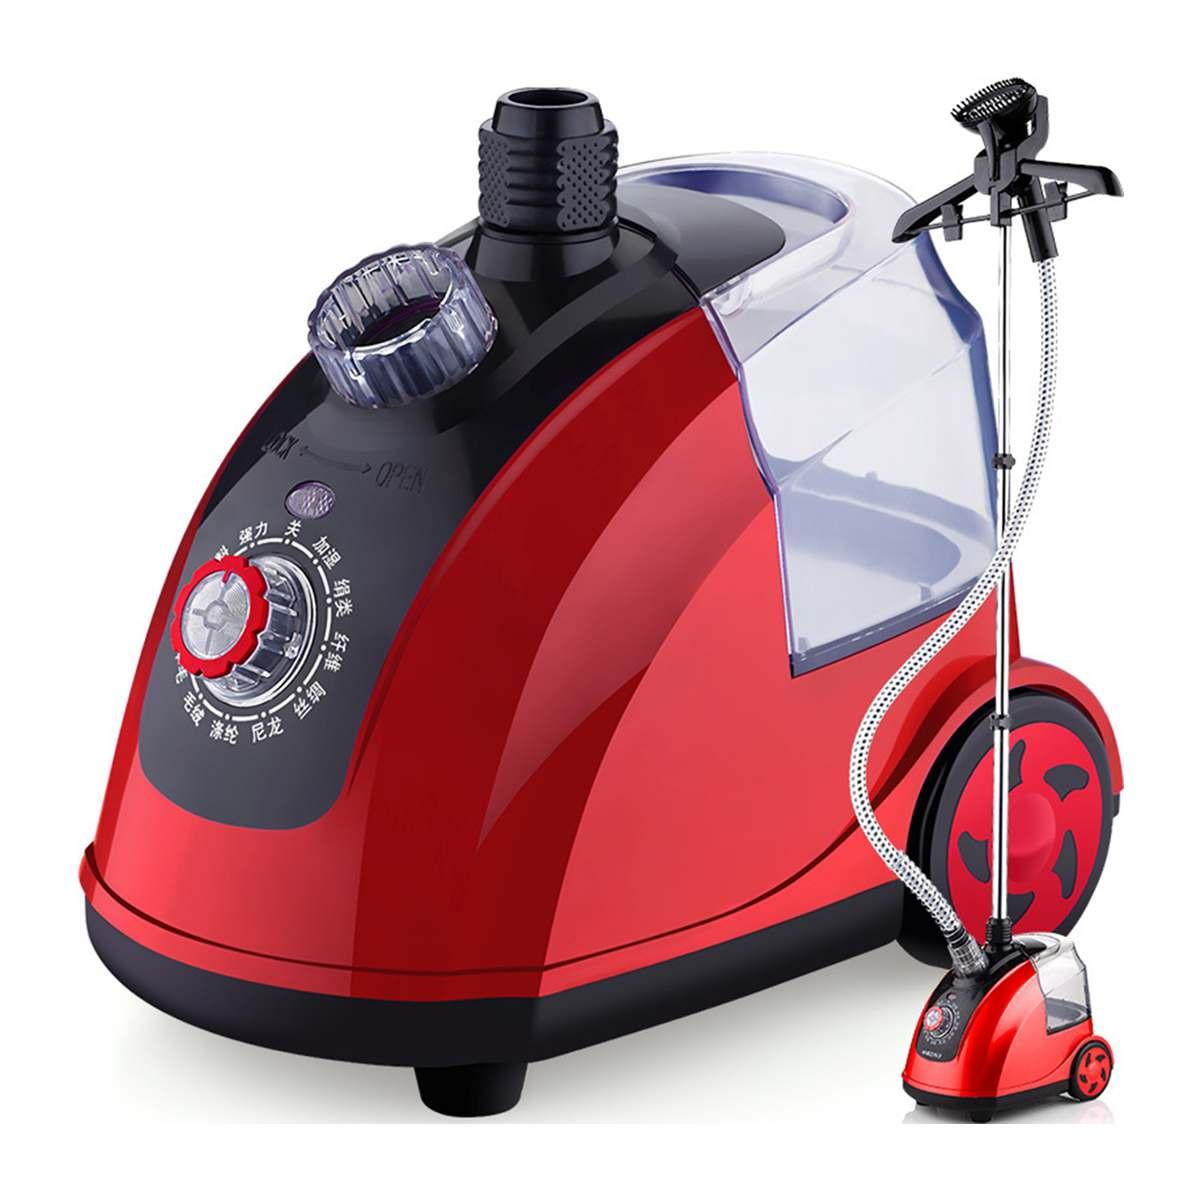 Vêtement vapeur fer réglable vêtements vapeur avec 70 Minutes de vapeur continue 1800W 1.8L réservoir d'eau 26s vapeur rapide